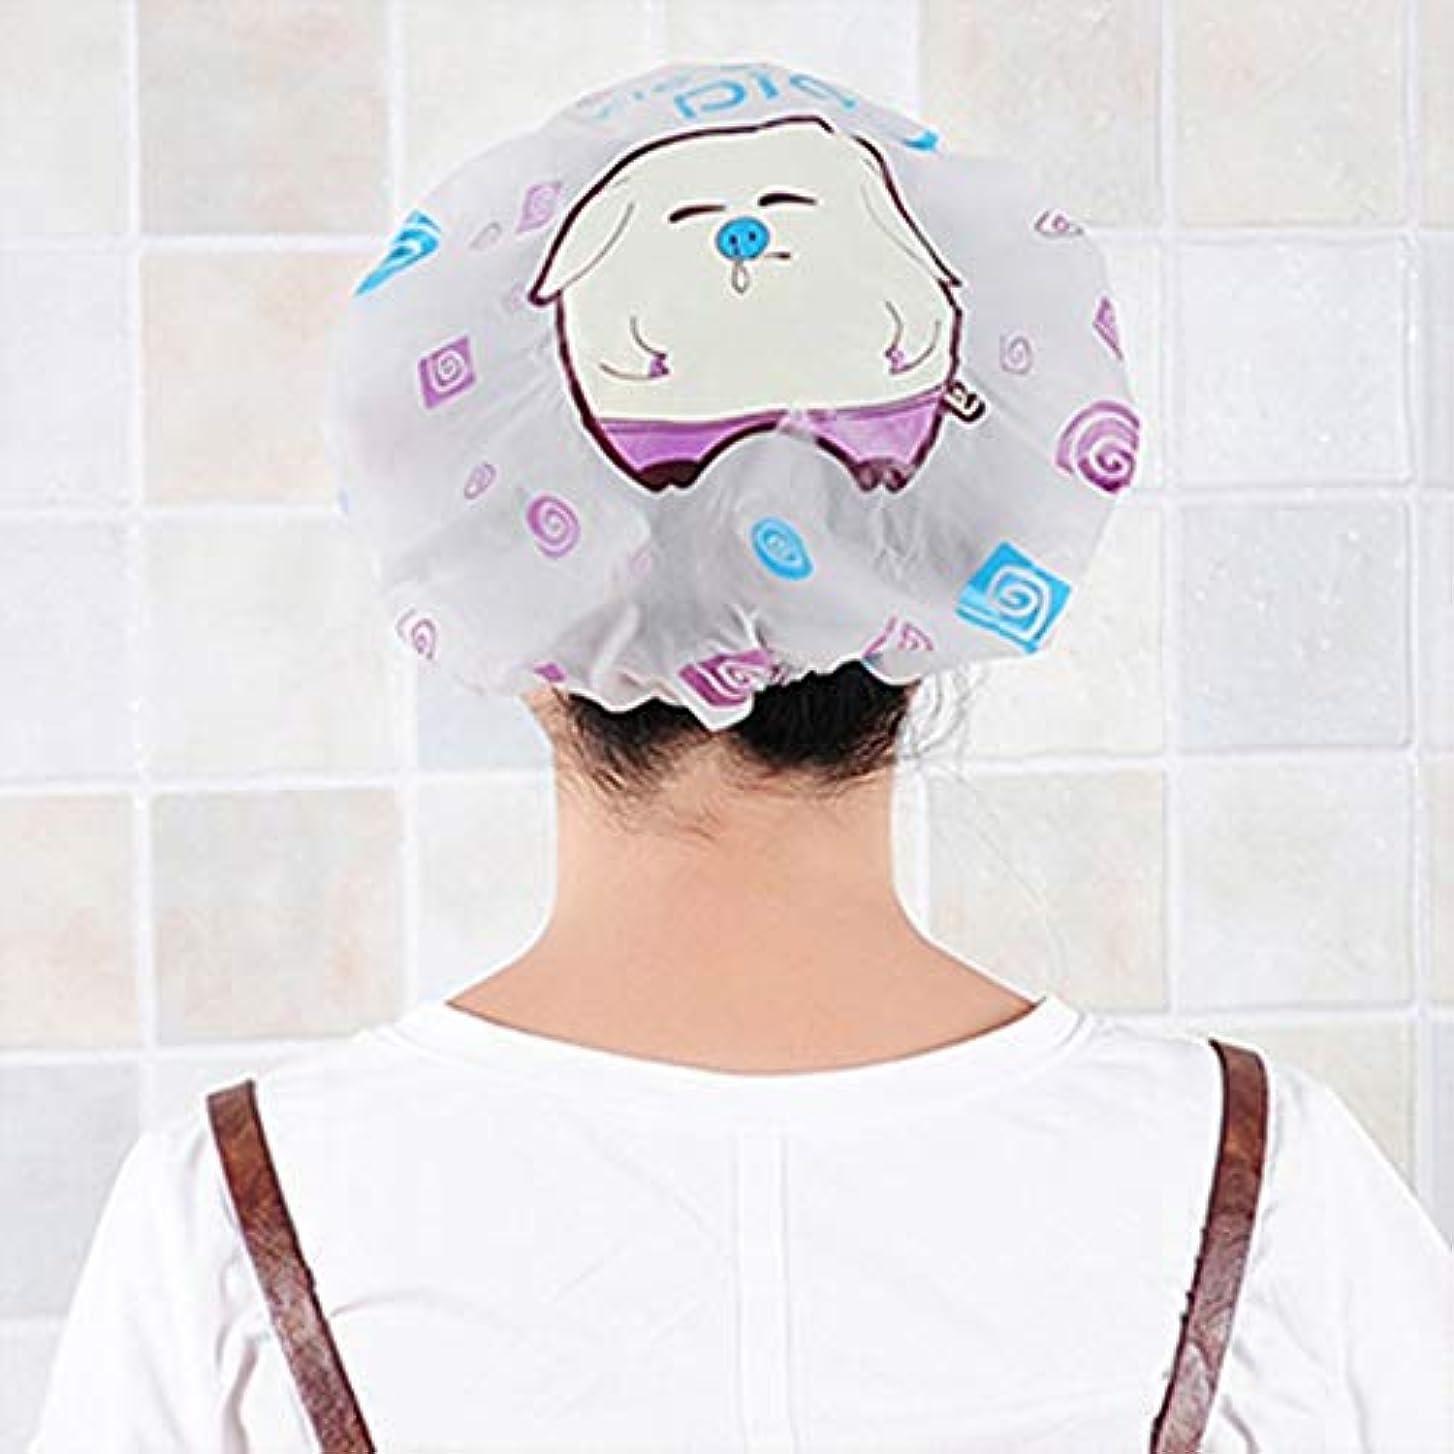 技術者列車どうしたのSwiftgood 女性のスパ、家庭用、ホテルおよび美容院のためのプラスチックシャワー?キャップの大きく弾力がある厚いバス帽